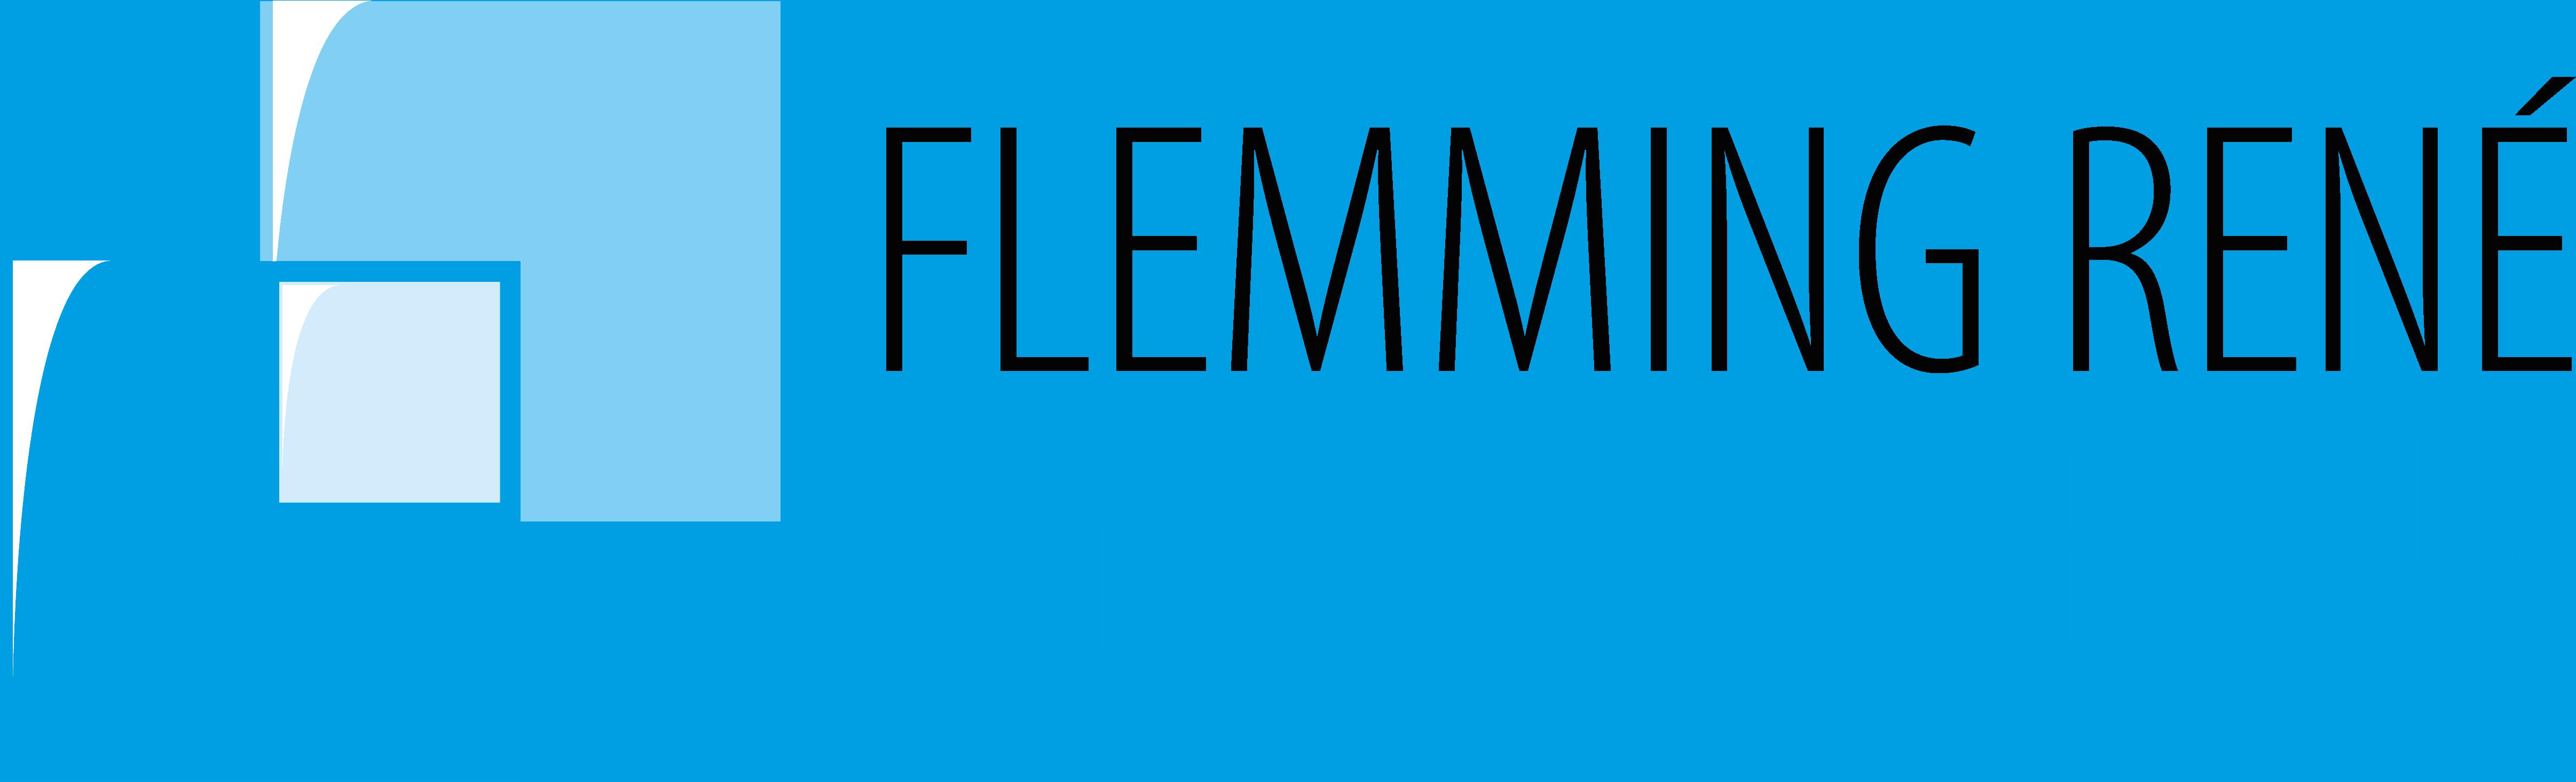 Flemming Rene Vinduespolering